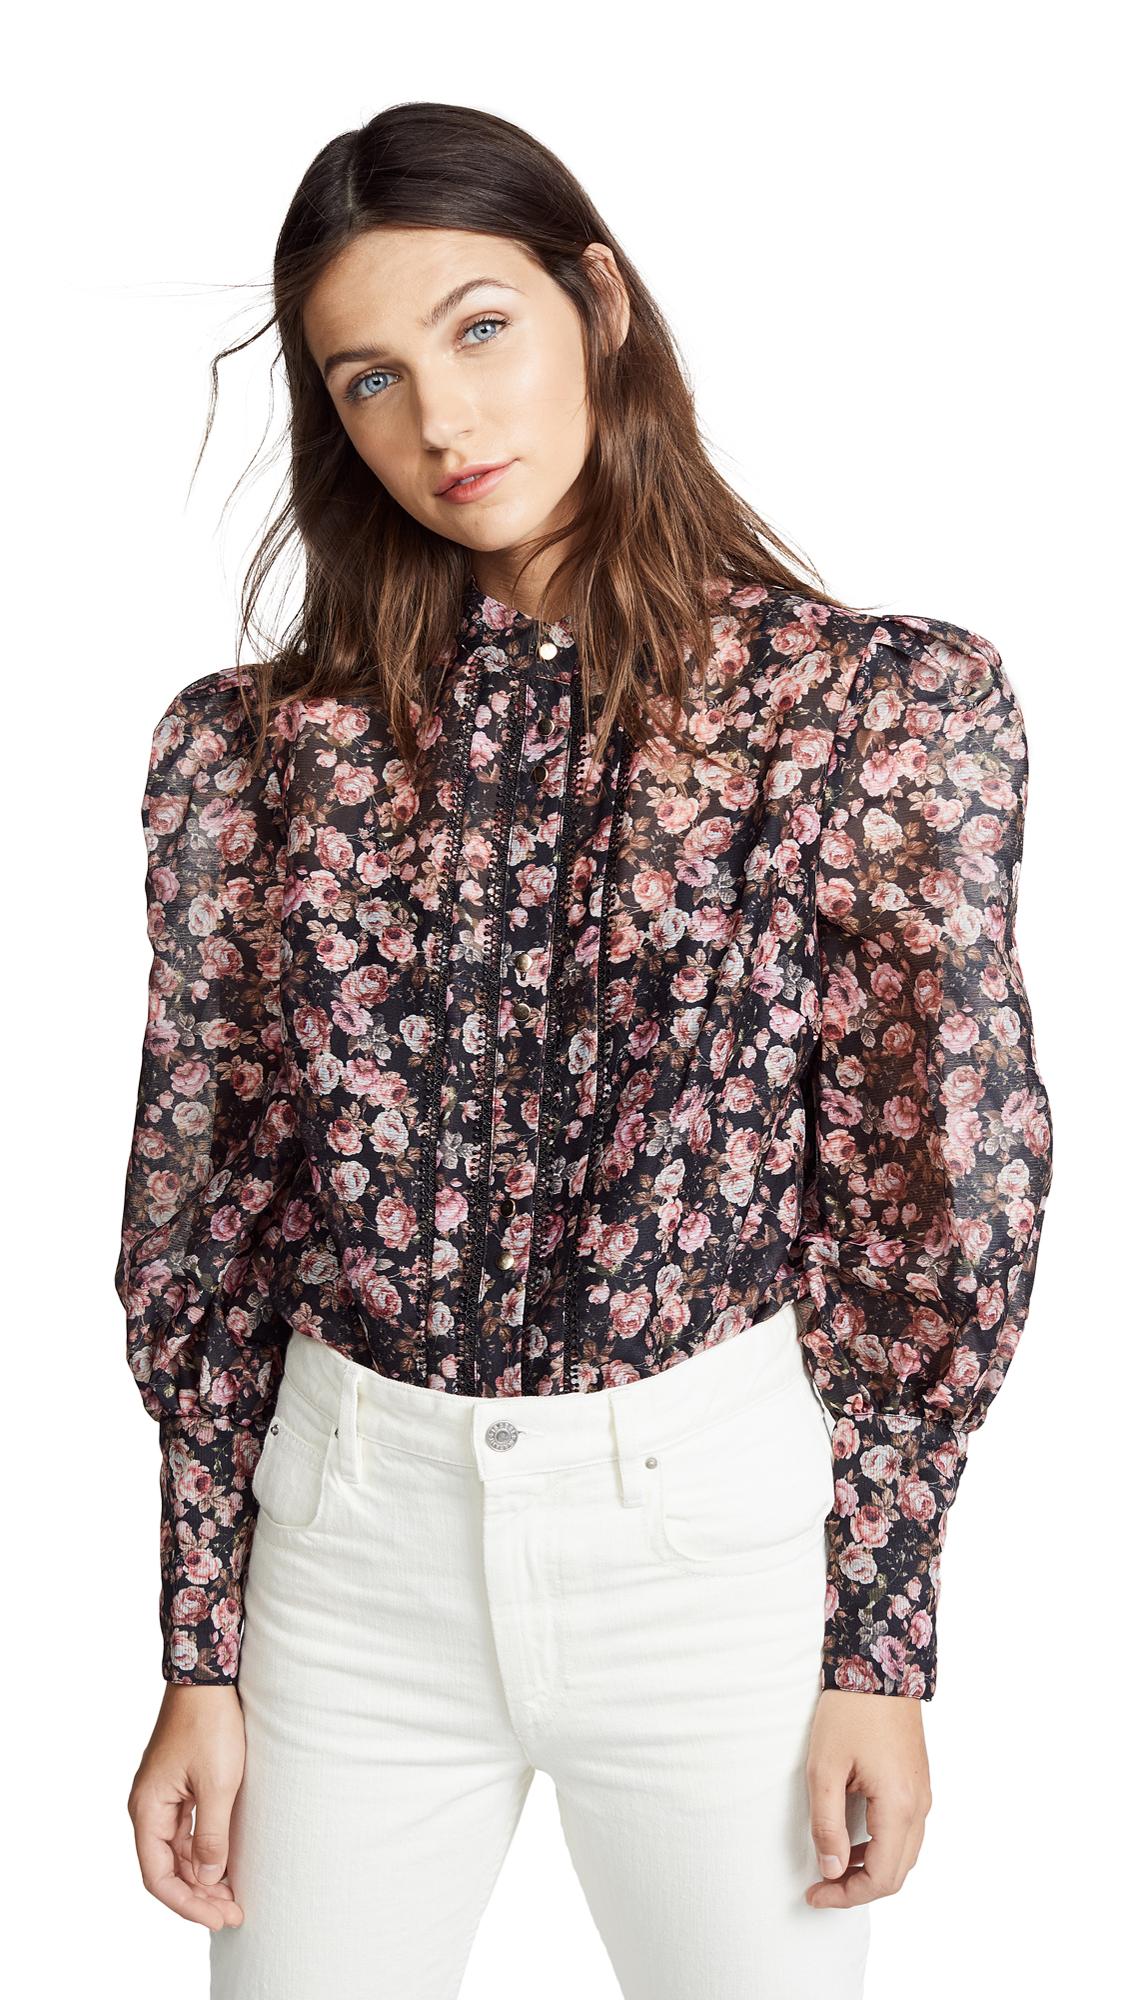 KEEPSAKE One Love Top in Black Rose Floral